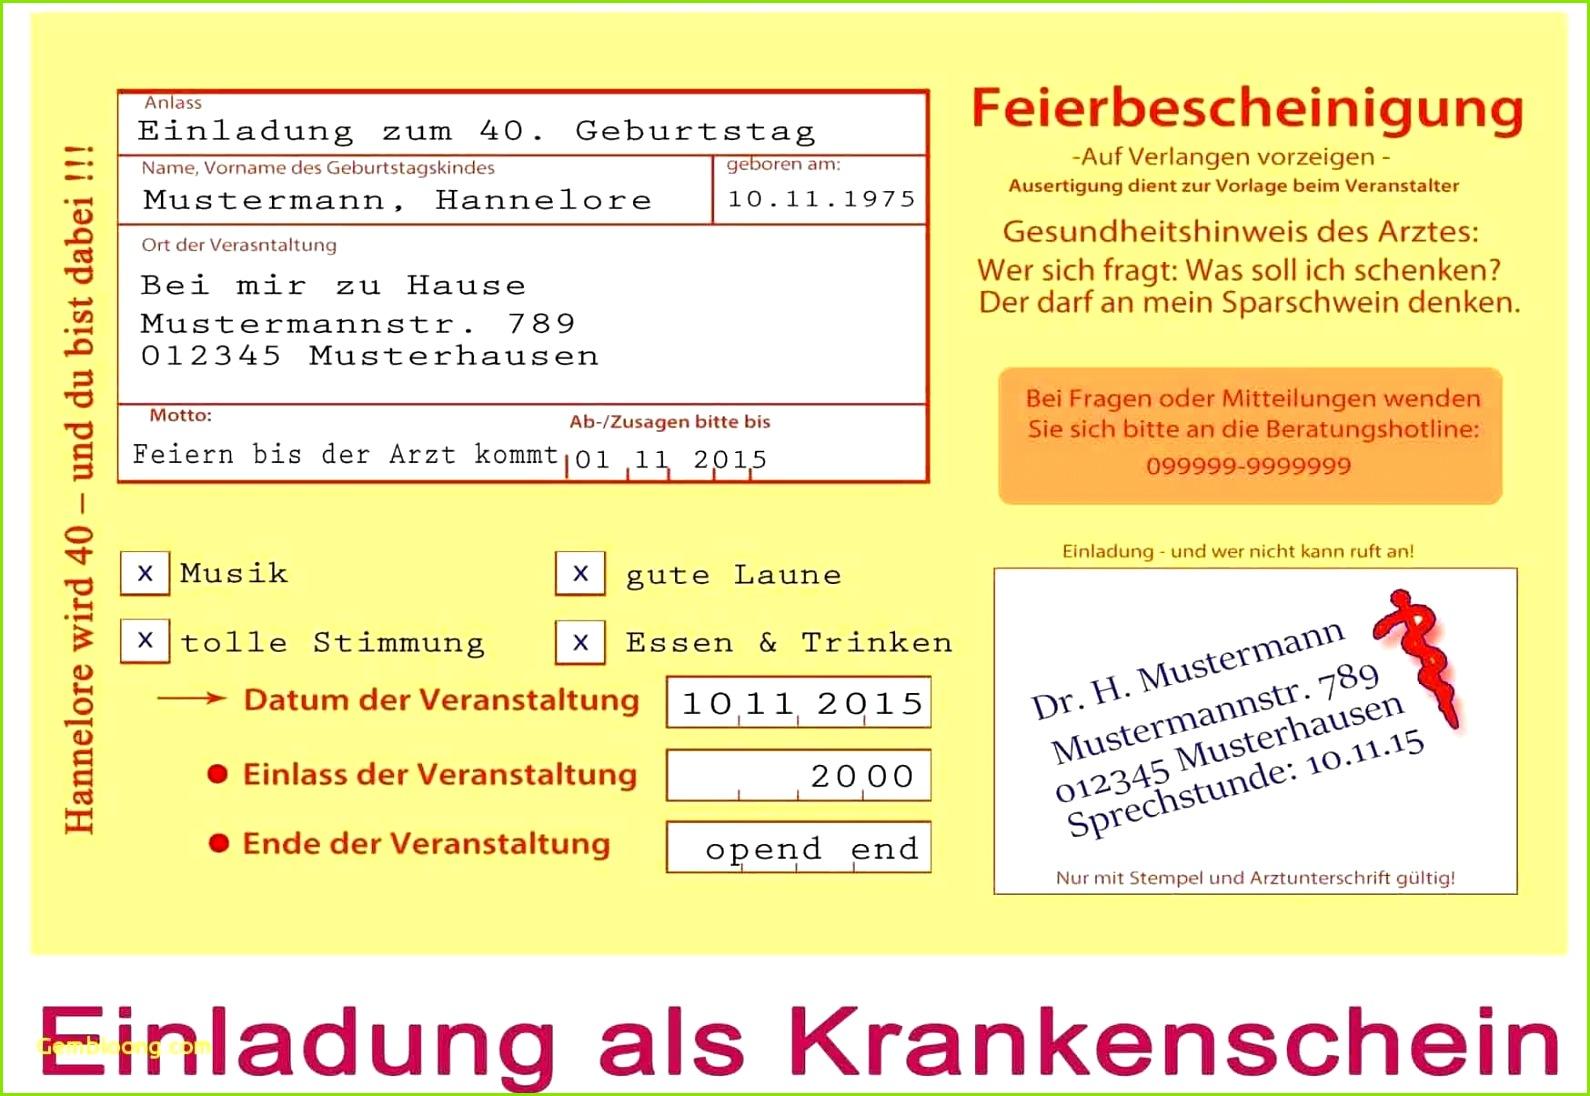 Einladungskarten Vorlagen Geburtstag Vorlagen Einladungen 0d Konzept Luxus Karten Vorlagen jyipp – Blumen Basteln Vorlage